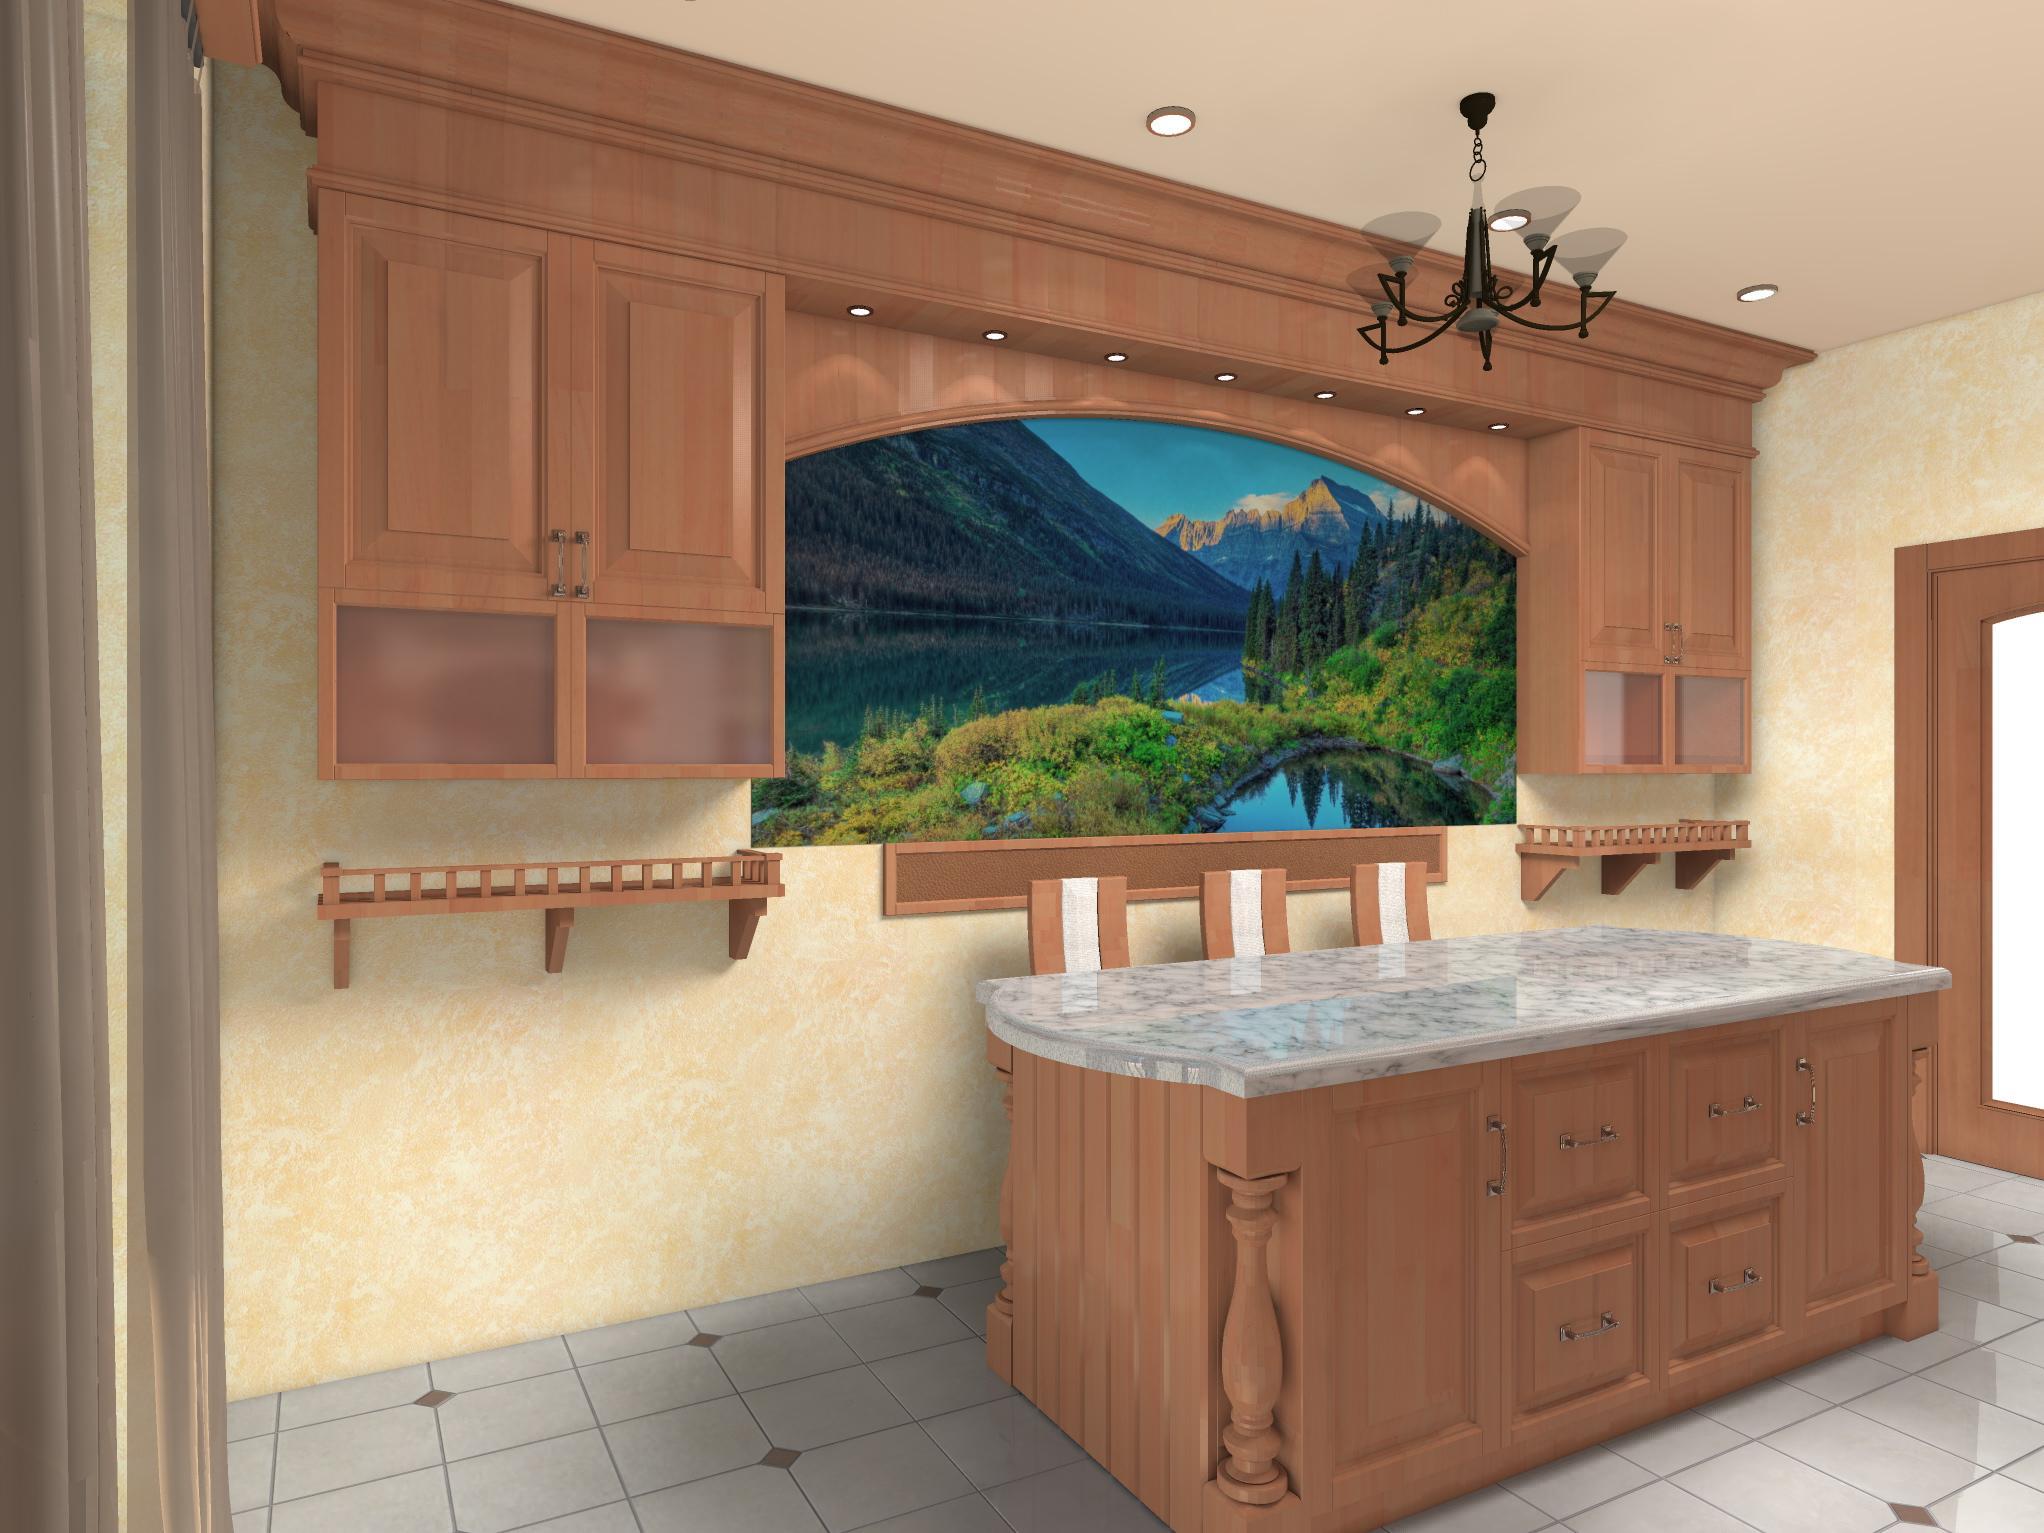 Кухня в частном доме, вариант 2-3